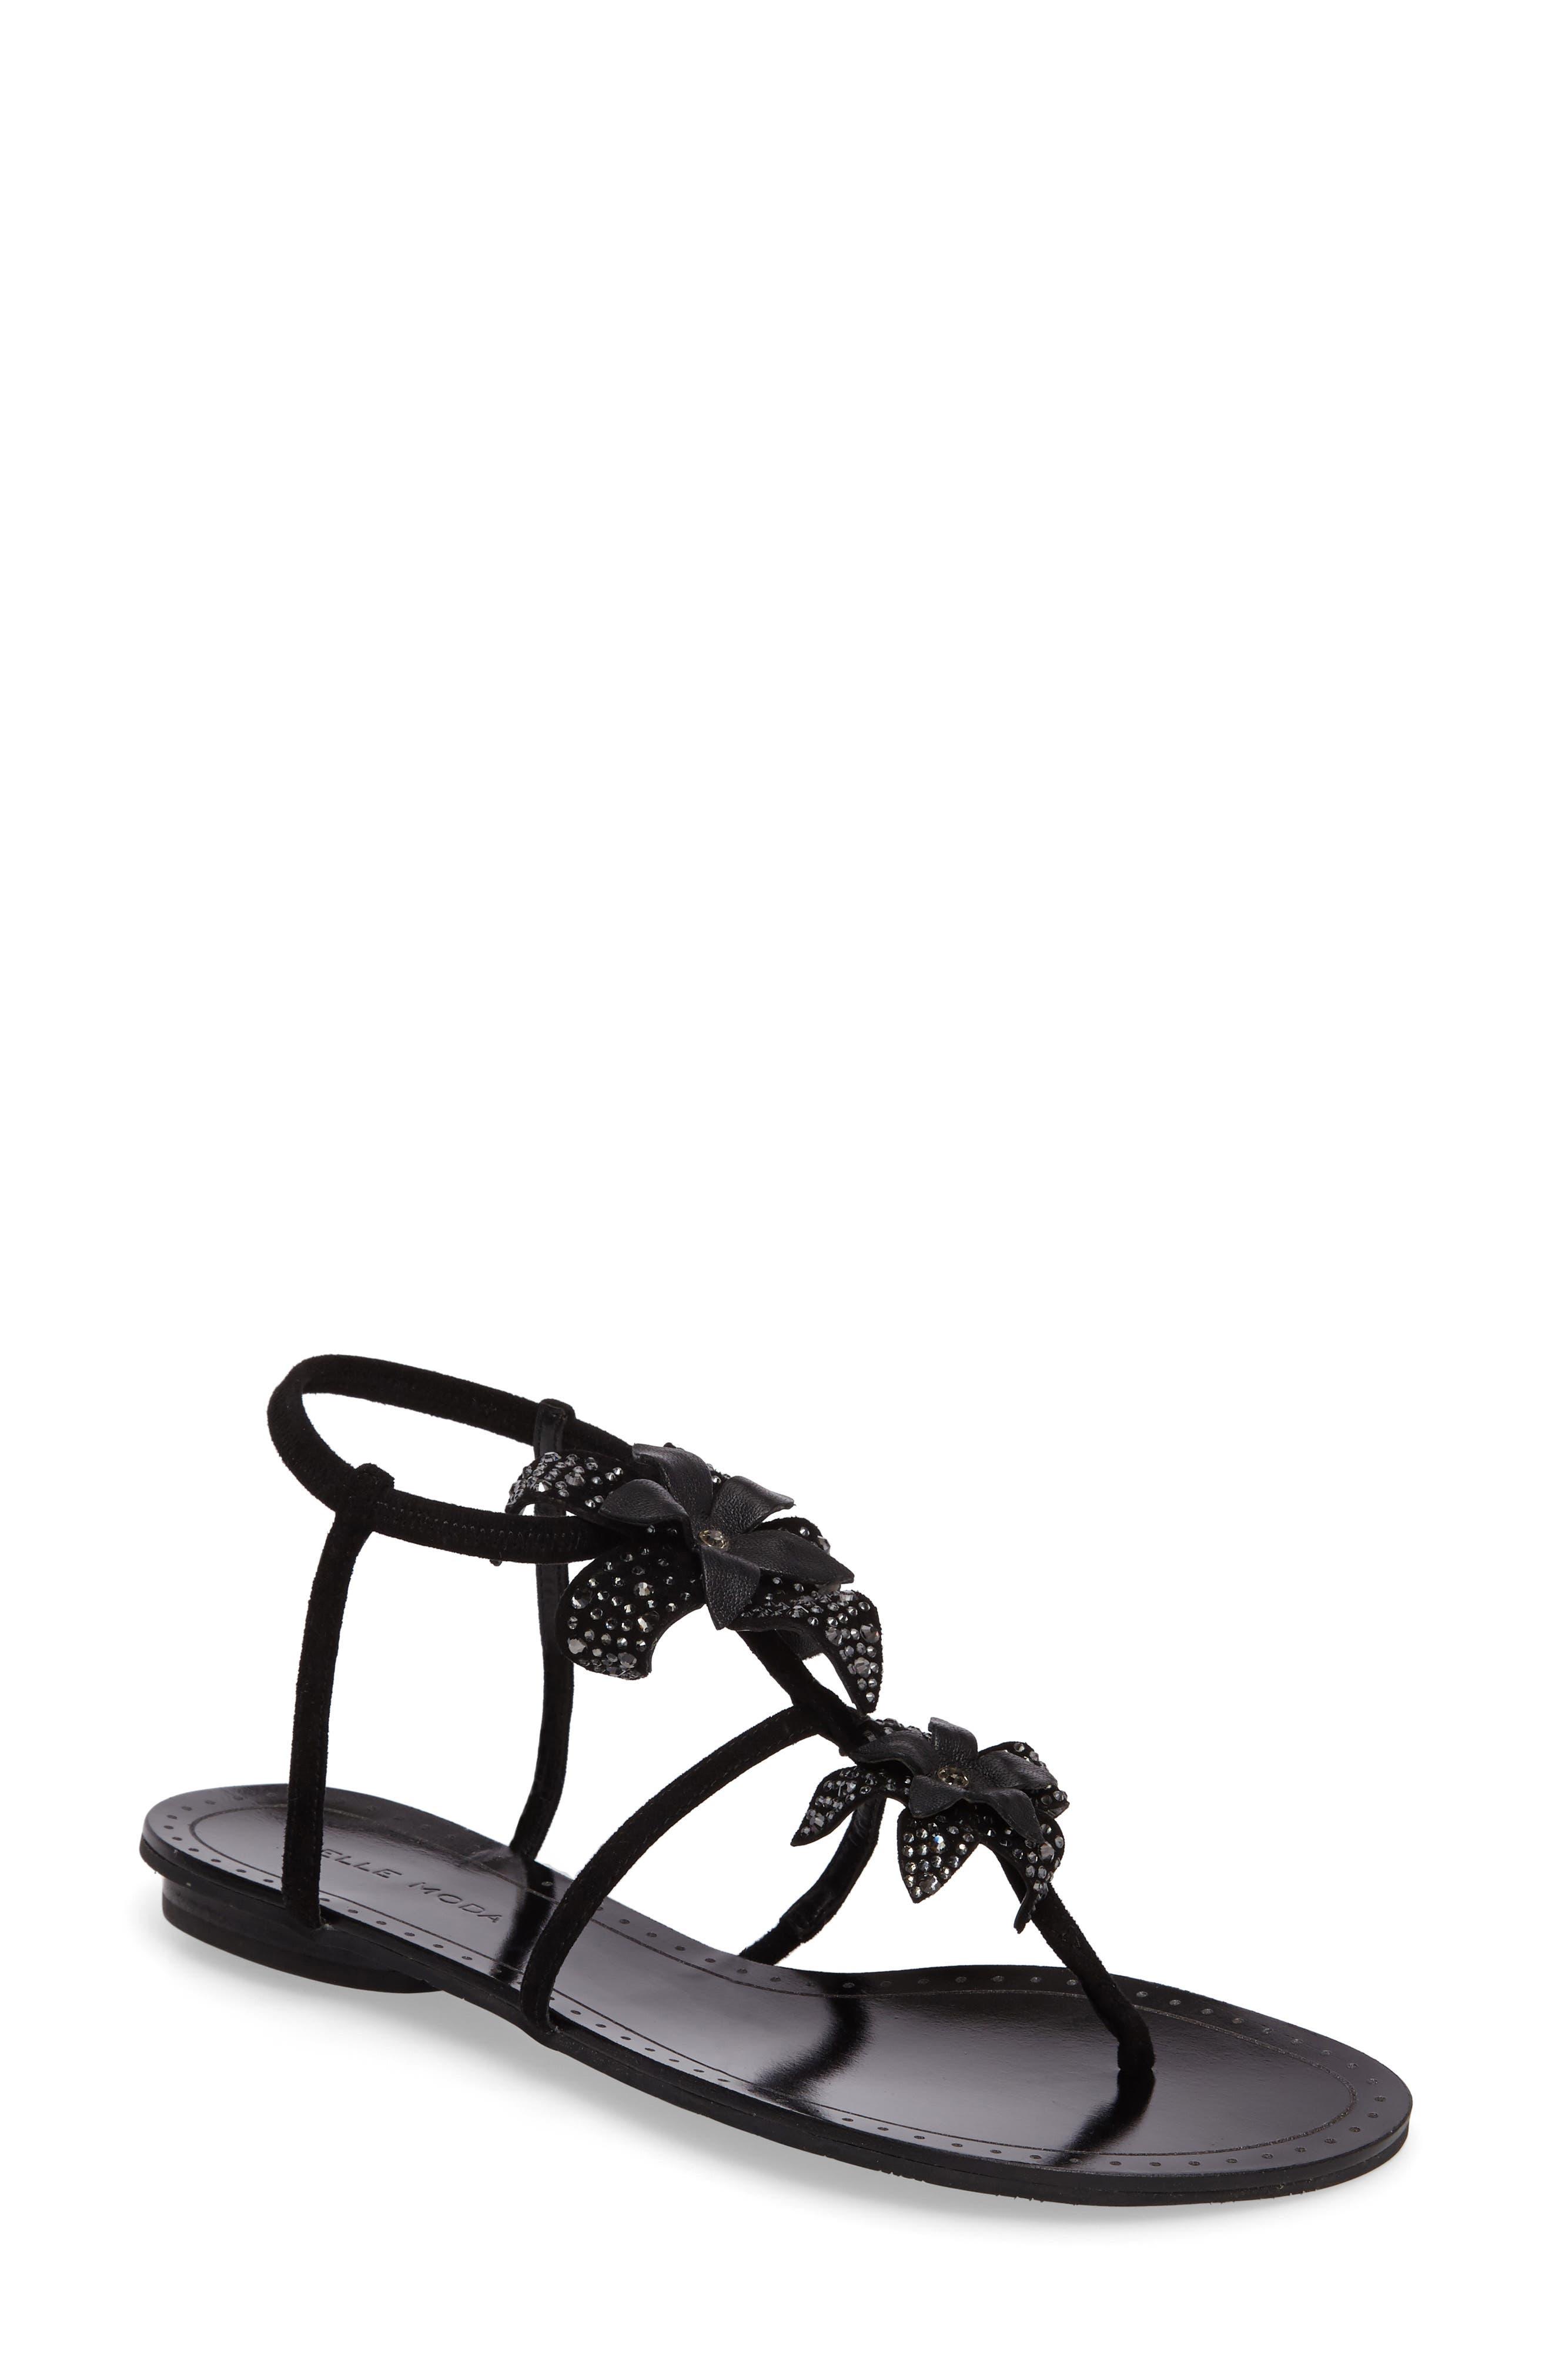 Ellis Strappy Flowered Sandal,                         Main,                         color, Black Leather